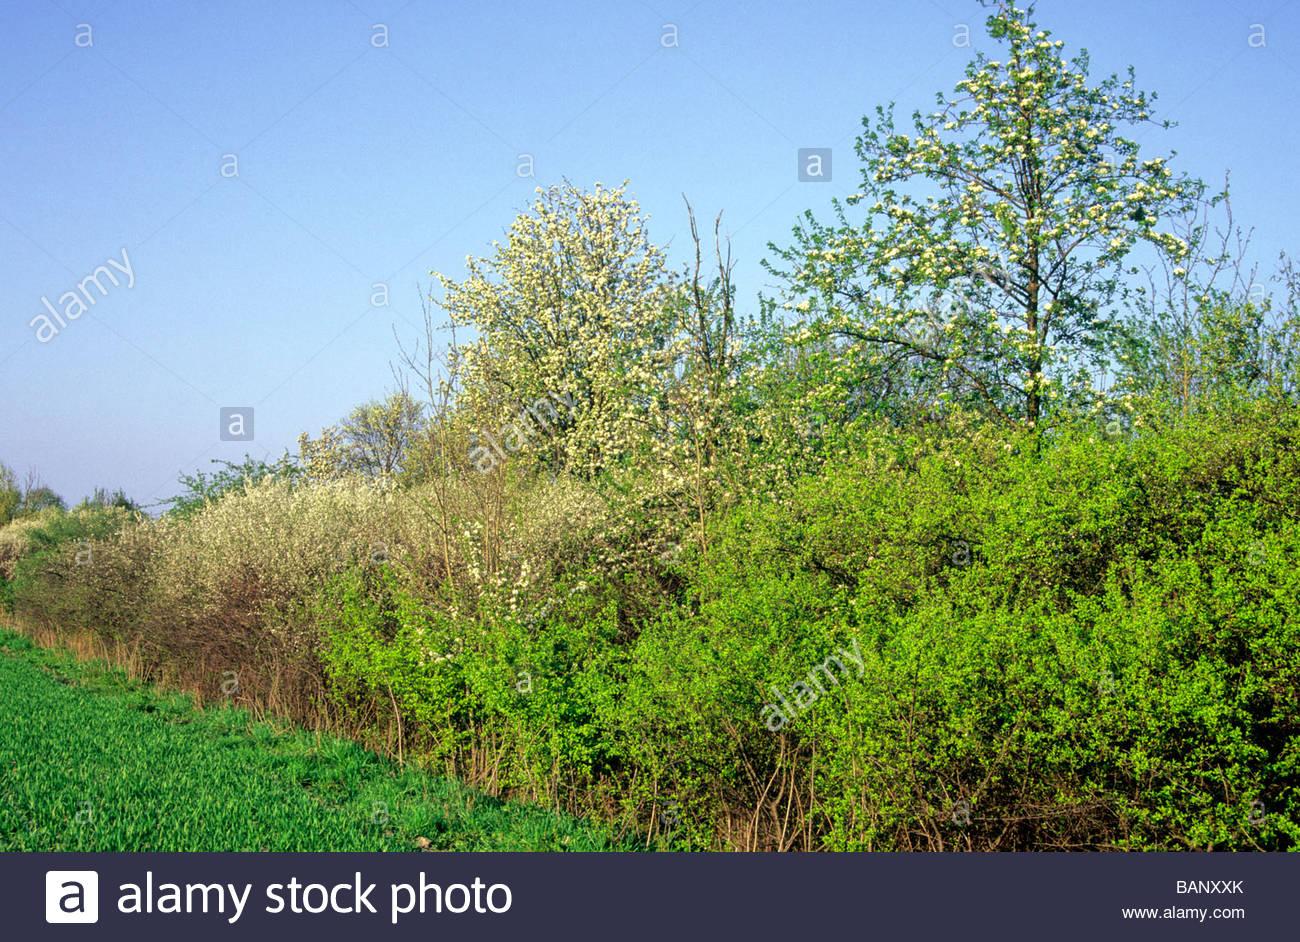 path with flowering hedge in spring Naunhof Germany Feldweg mit angrenzender Feldhecke in Blüte Naunhof - Stock Image